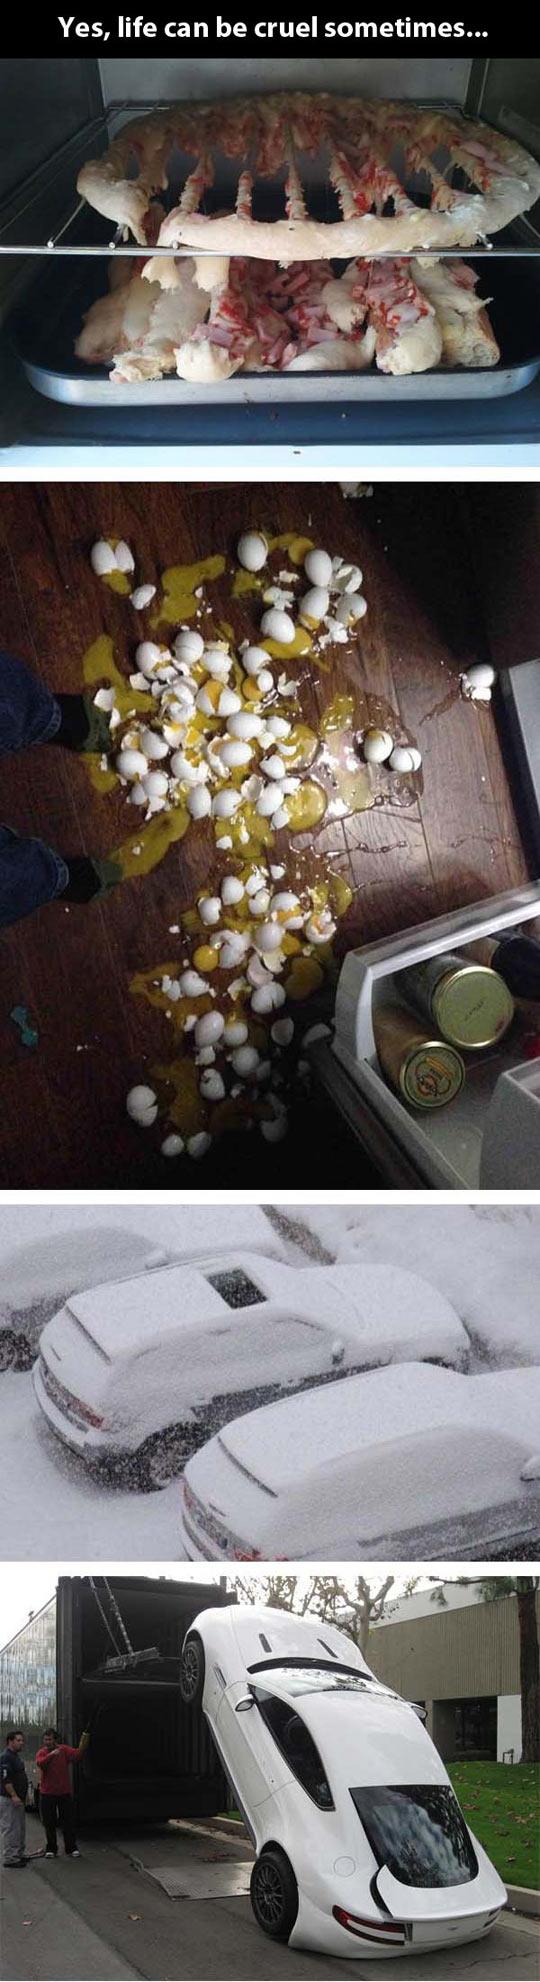 funny-cruel-life-pizza-eggs